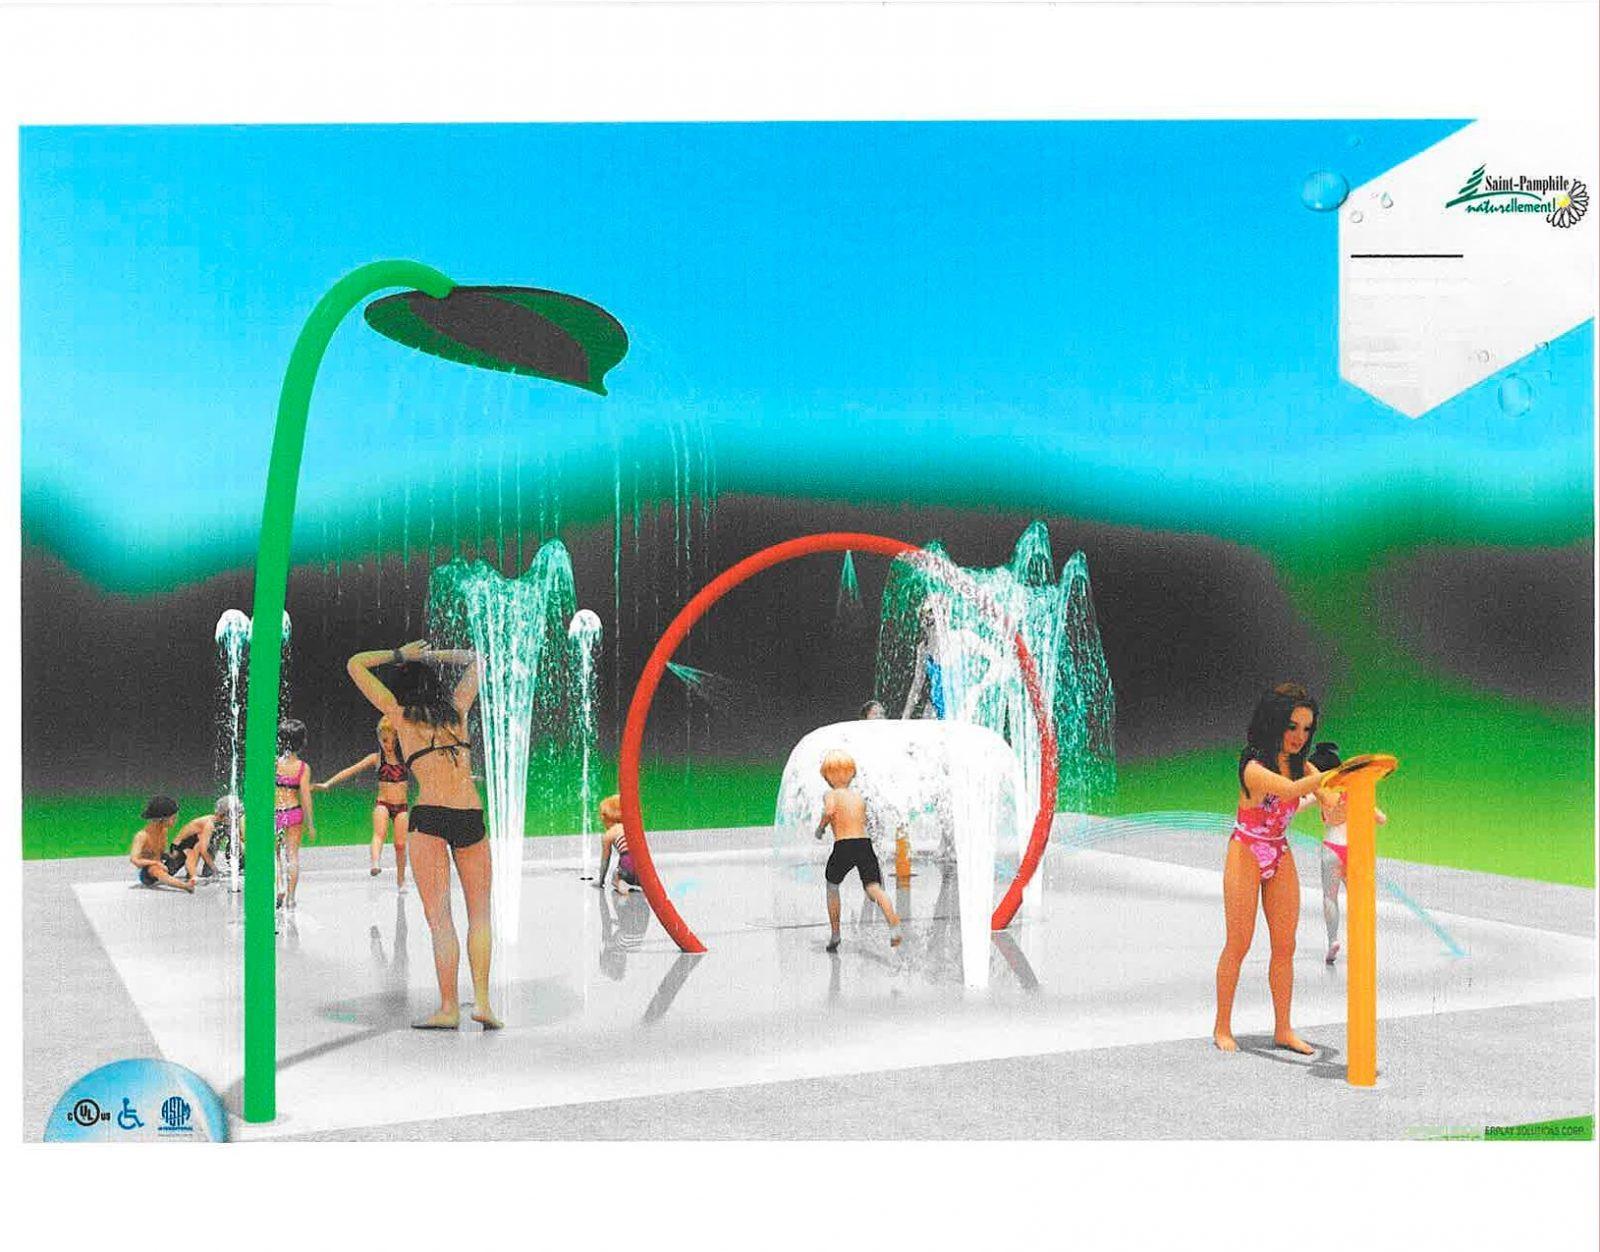 Saint-Pamphile aura ses jeux d'eau